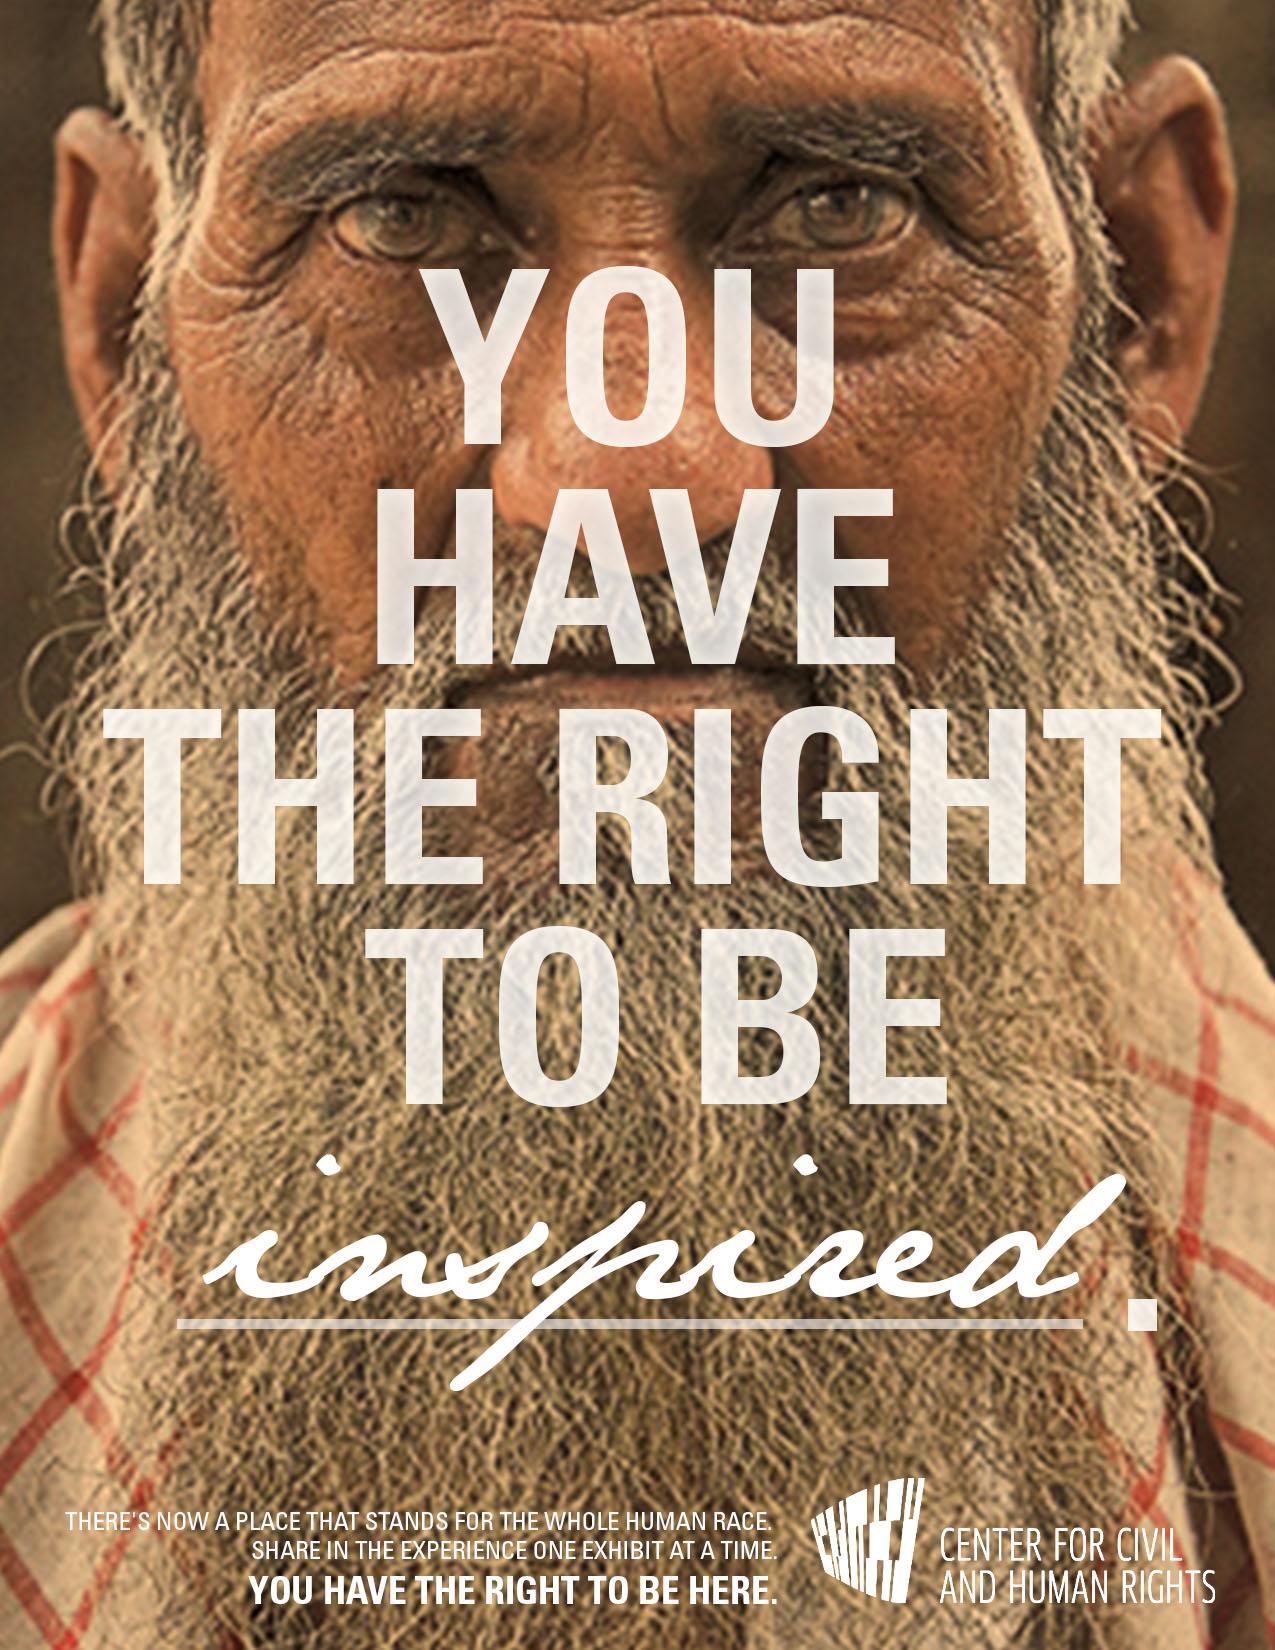 NCCHR_0002_Rights Print 3.jpg